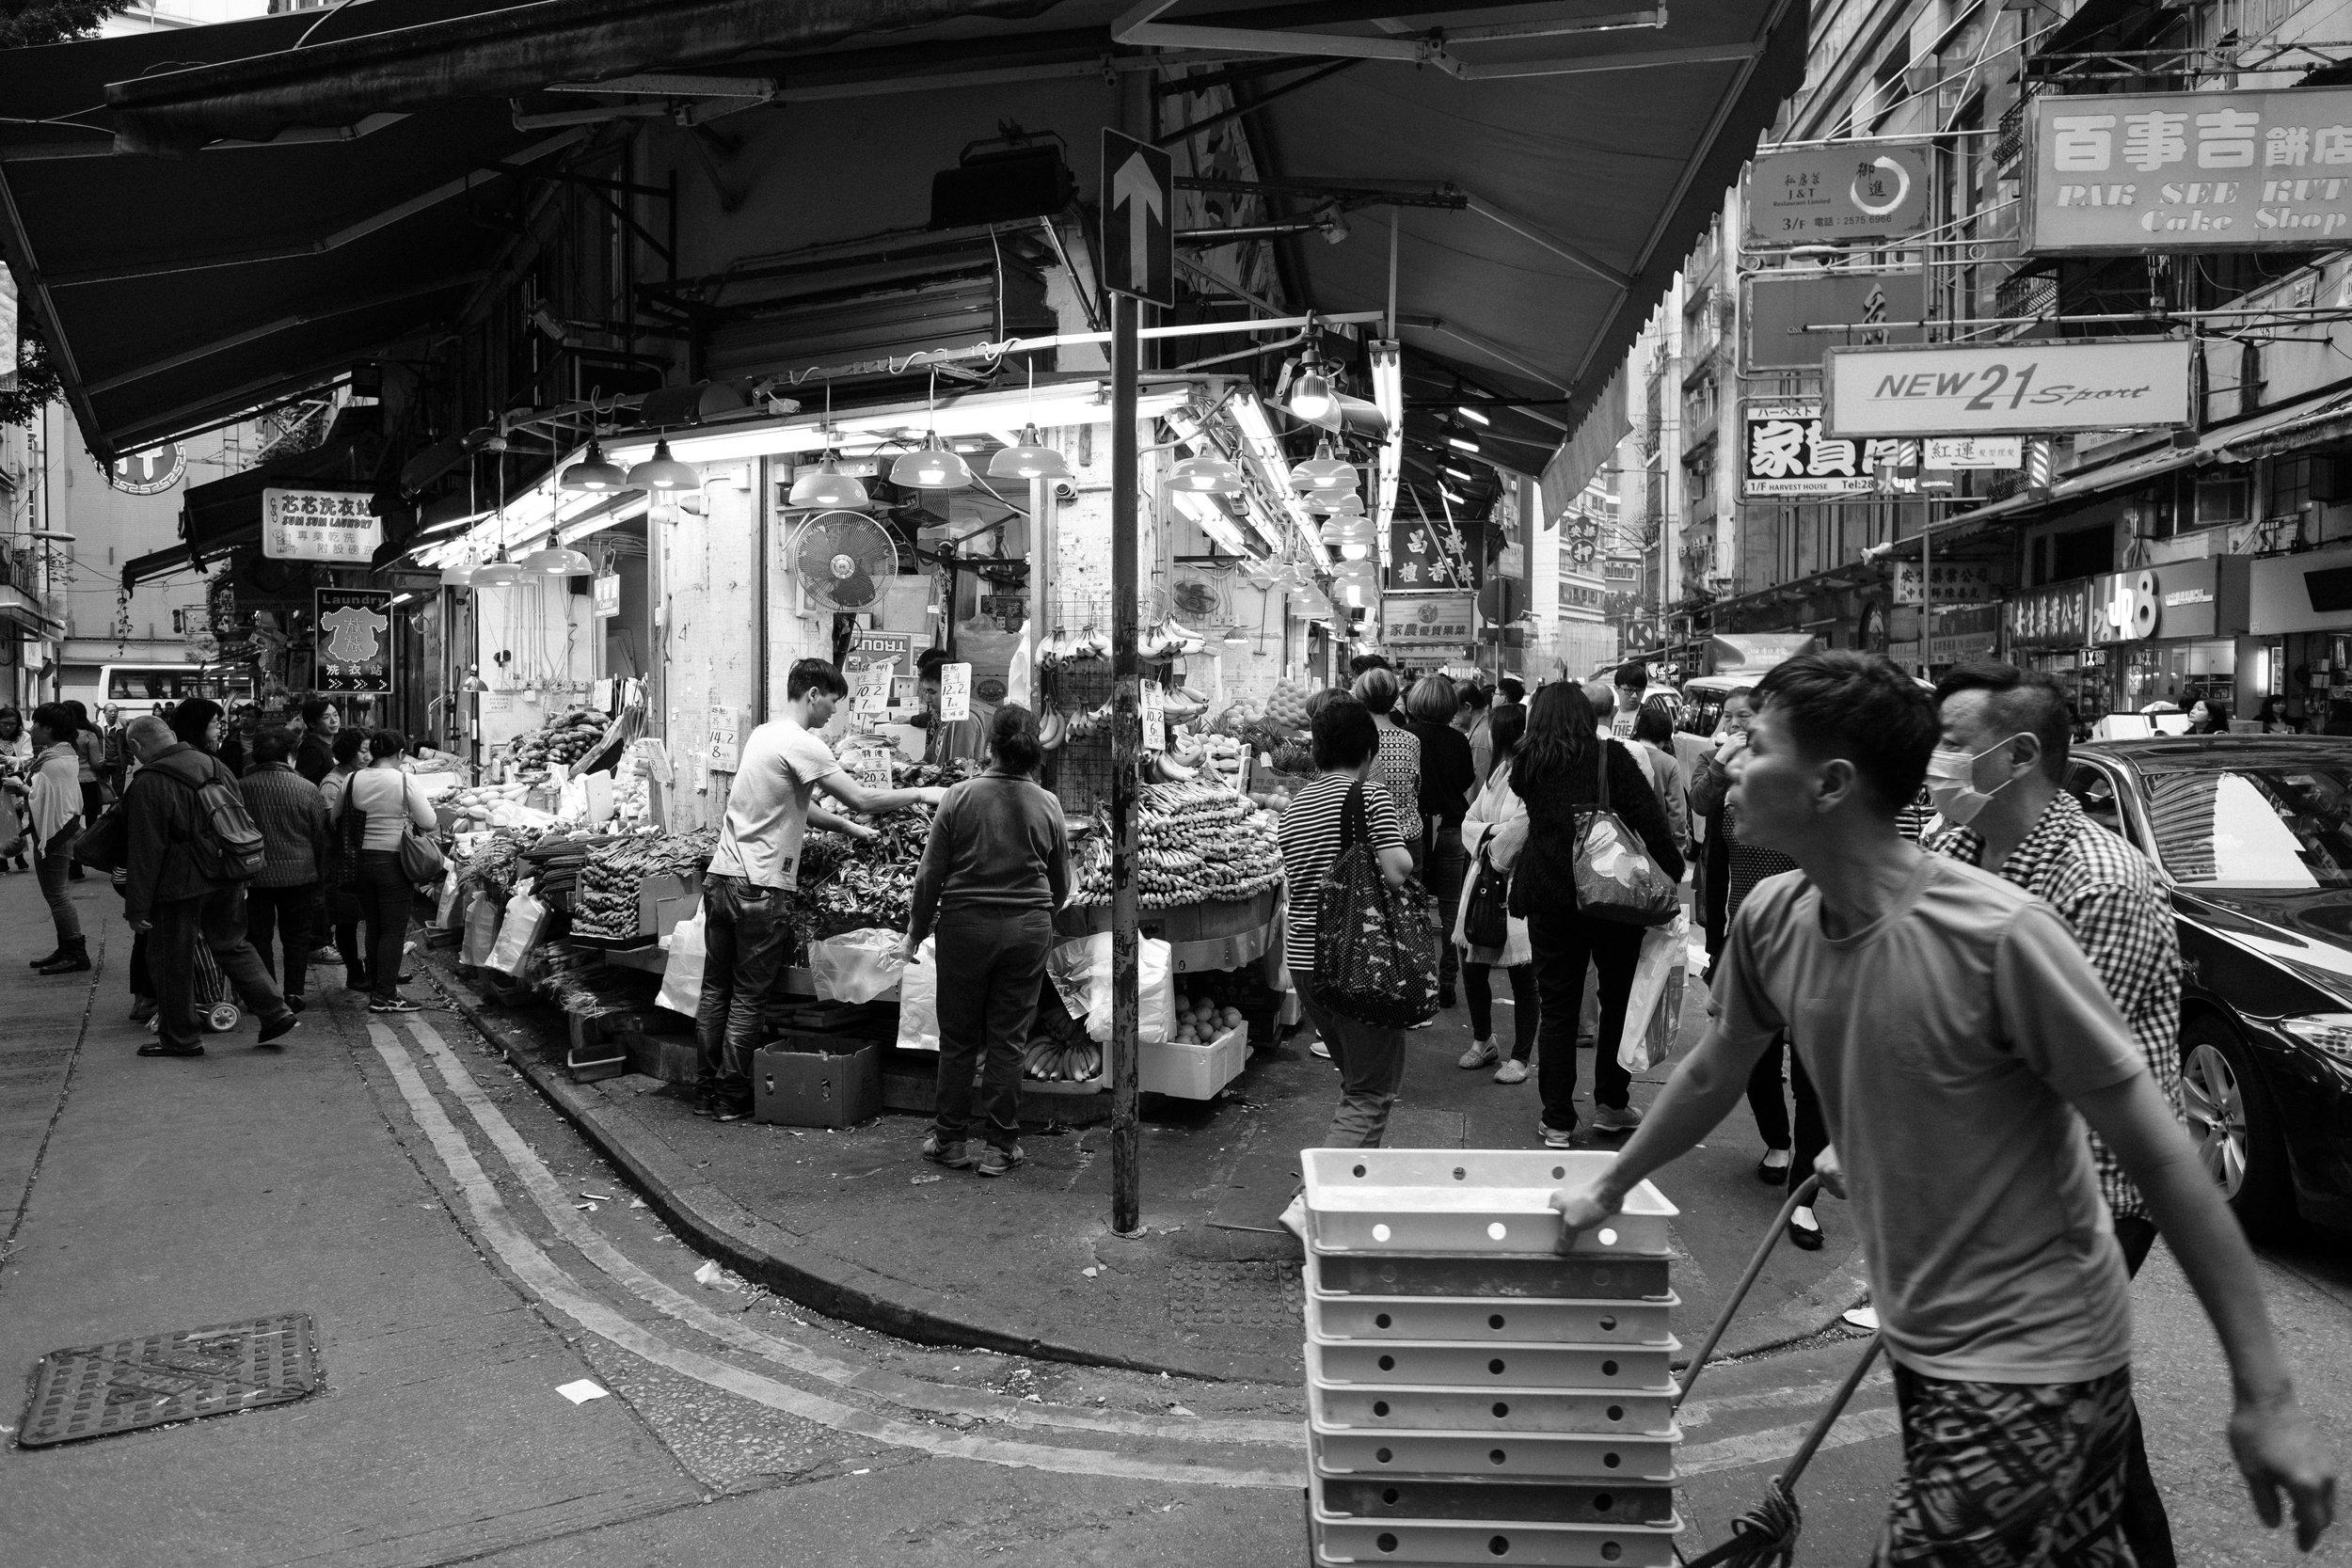 Wan Chai,  Hong Kong , Fujifilm X-Pro2, XF 14mm f/2.8 R @ f/3.2